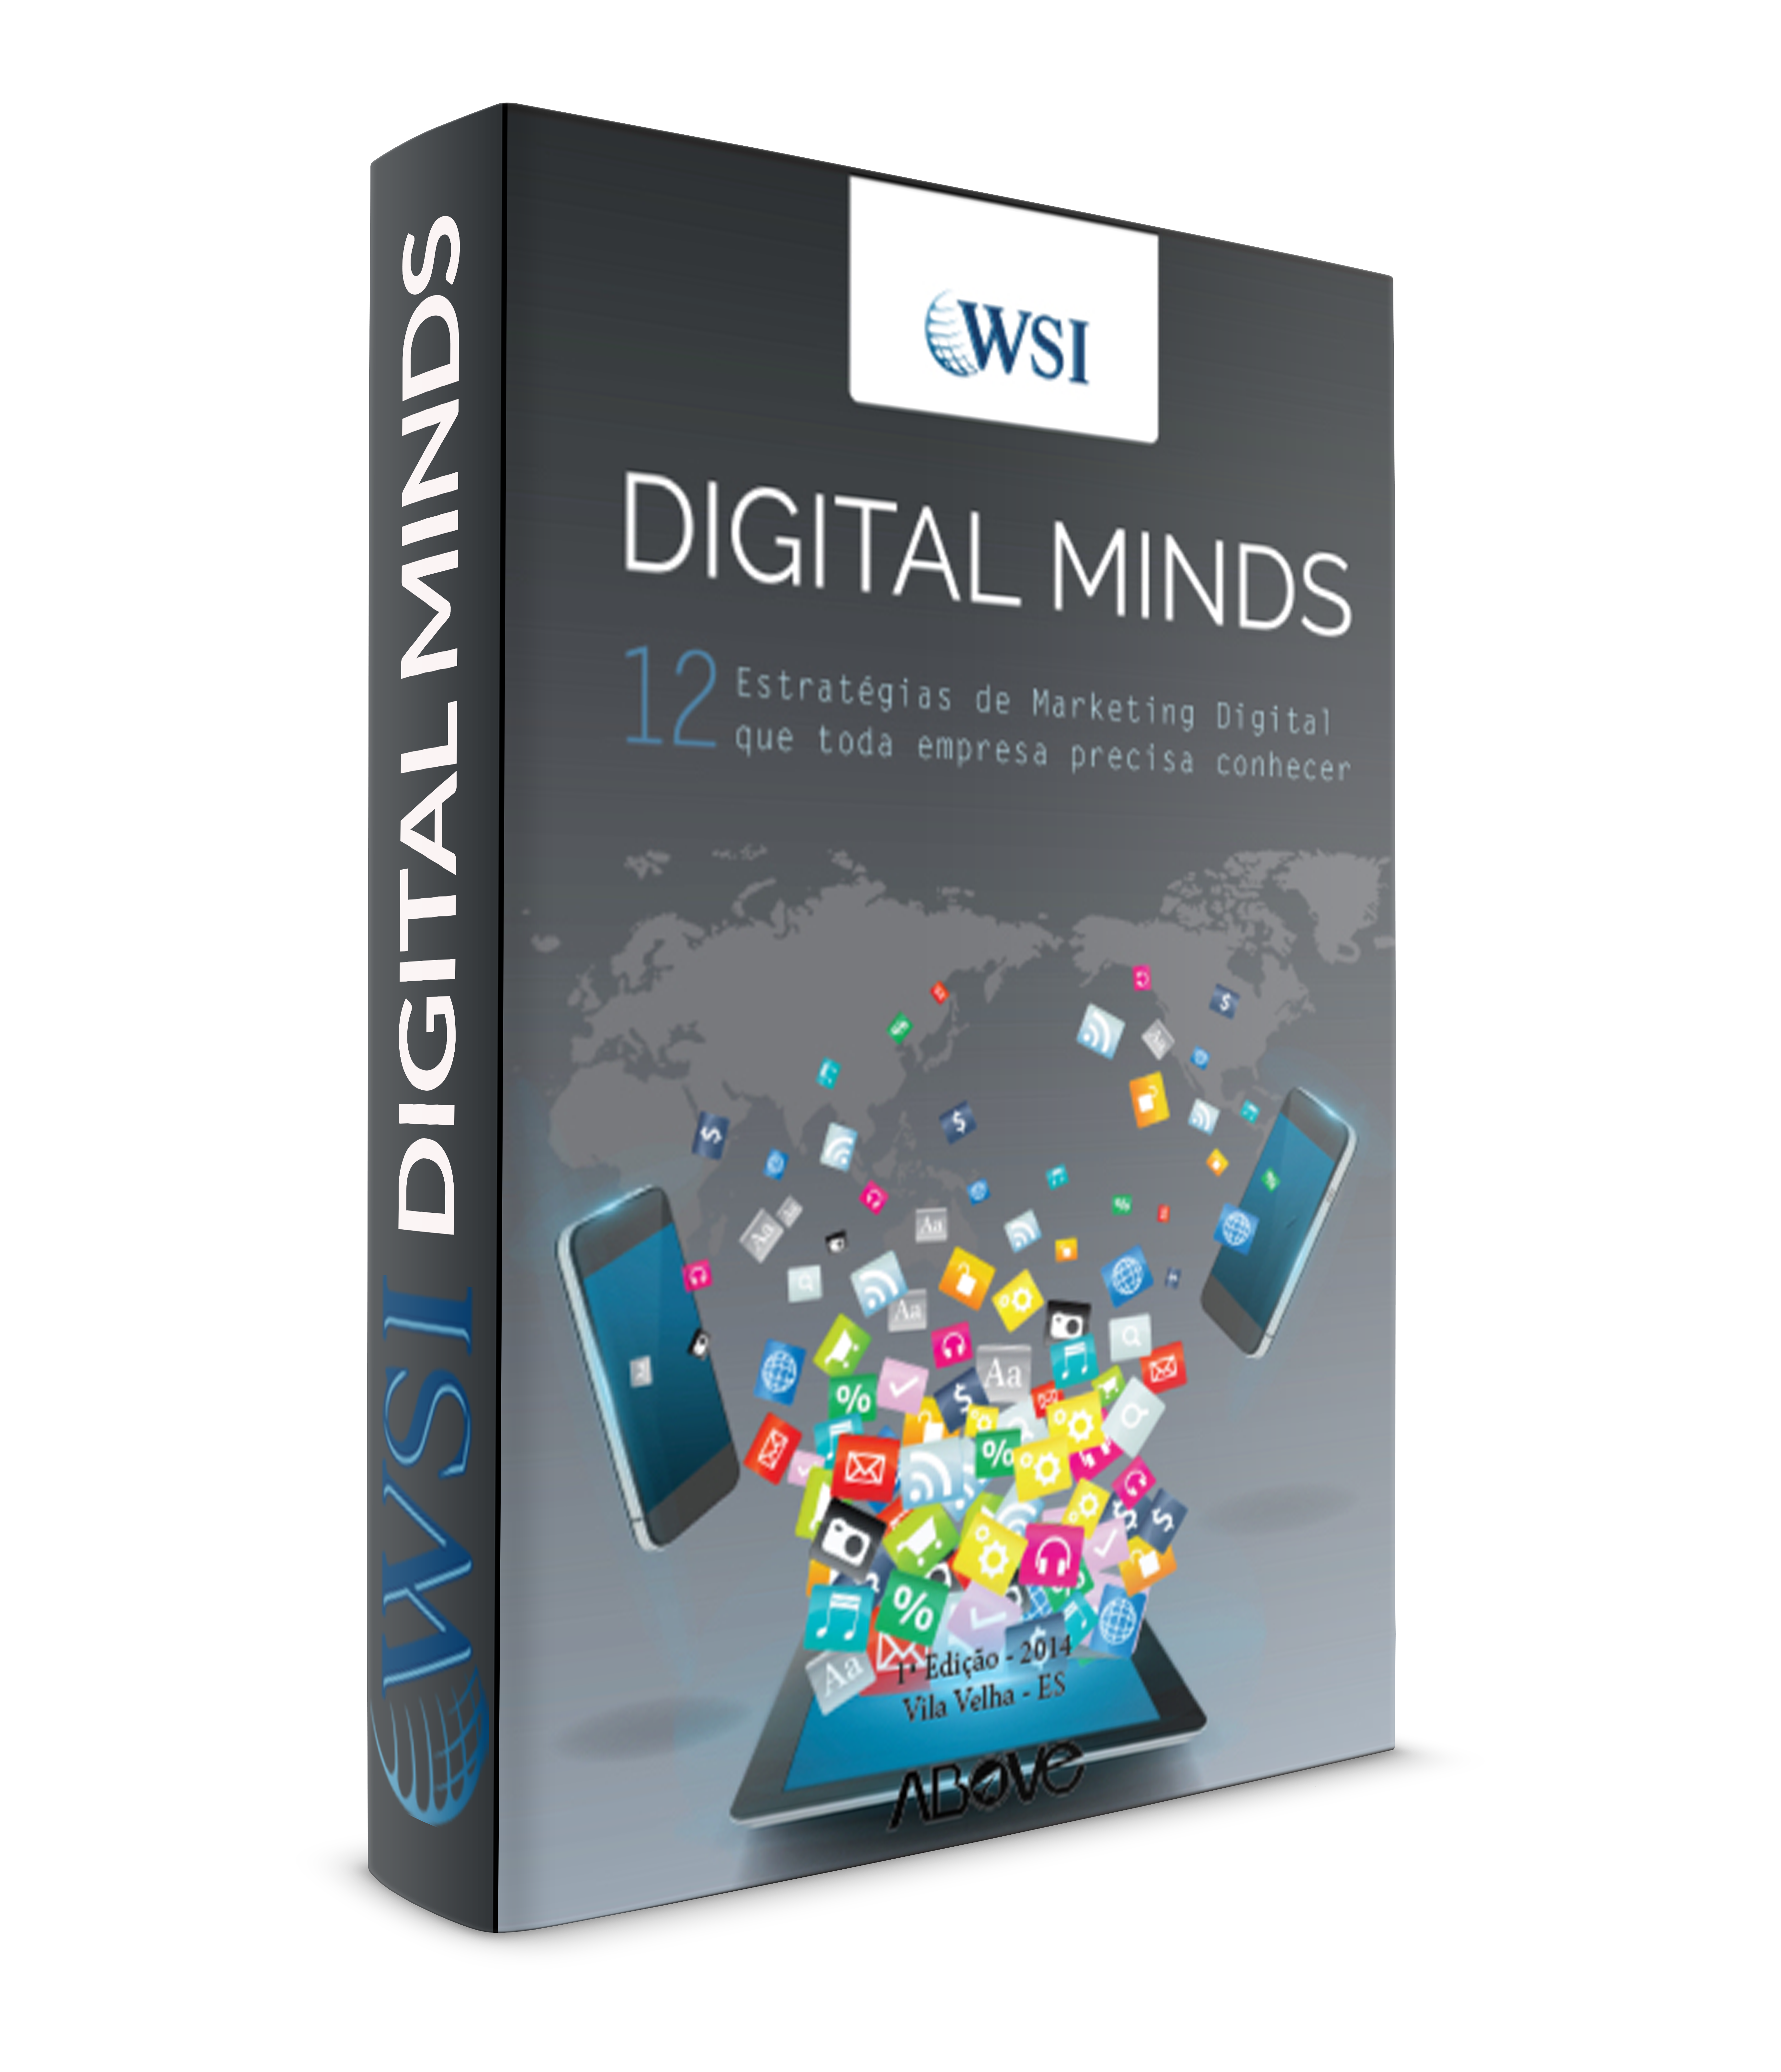 Capa_Digital_Minds_3D.png